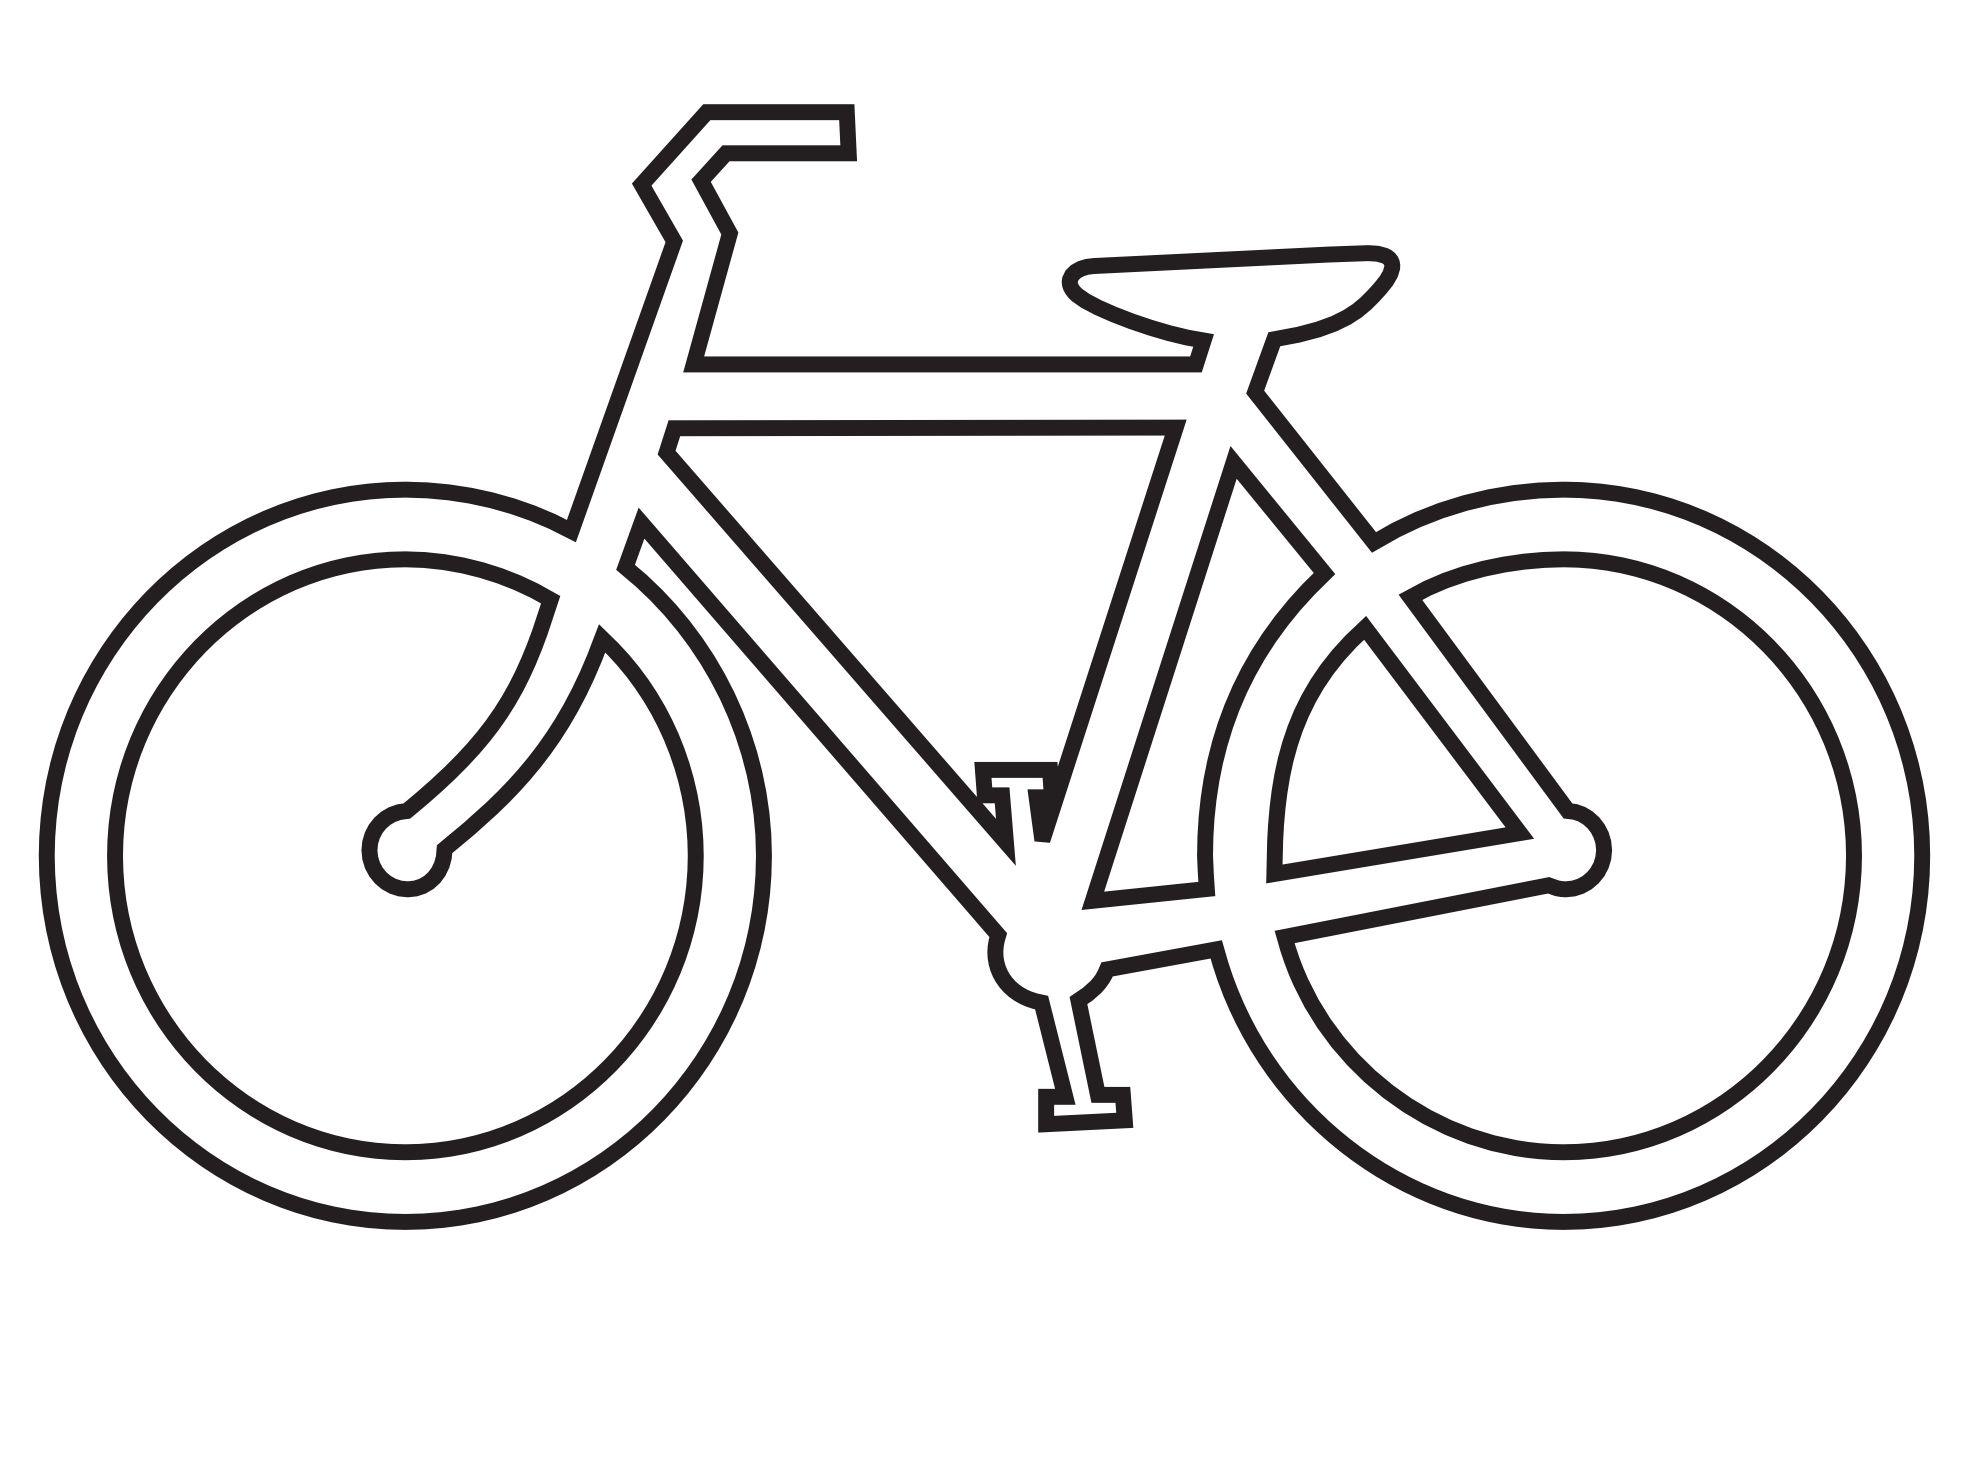 imagens de bicicletas para imprimir - Pesquisa do Google | Desenho ...